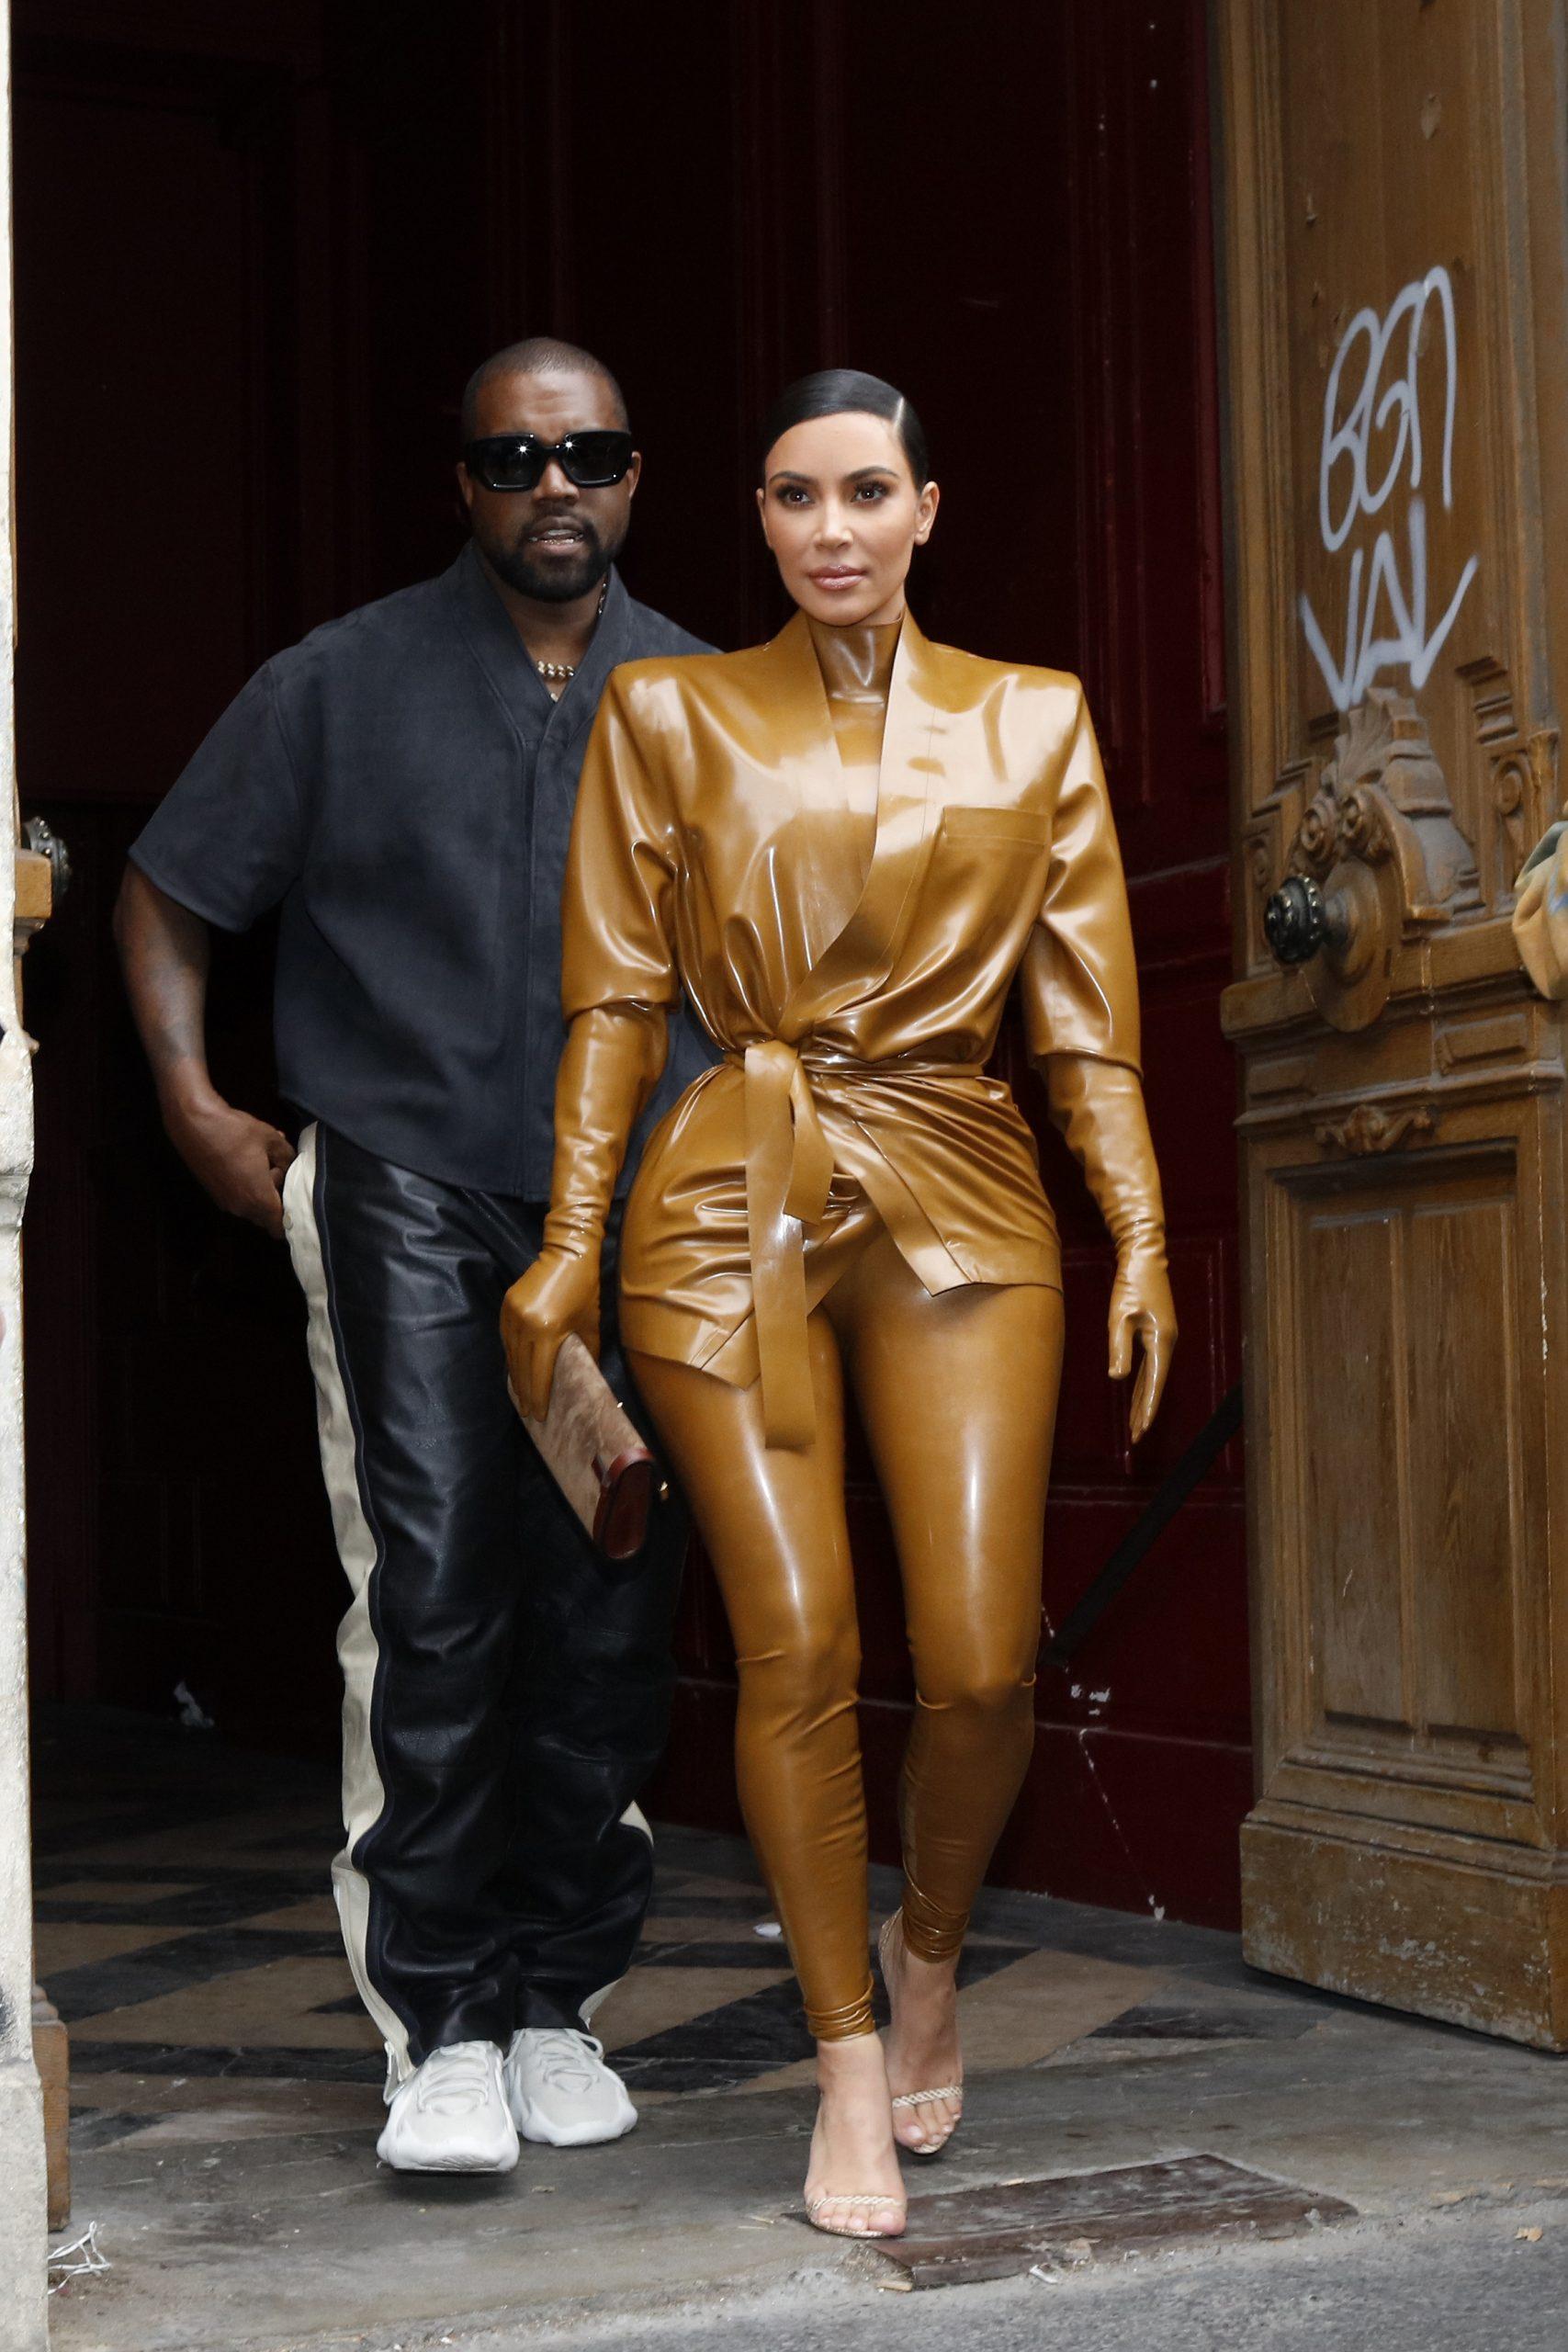 Kim Kardashian et Kanye West au Théâtre des Bouffes du Nord pour assister au service dominical de Kanye West le 1er mars 2020 à Paris, France.